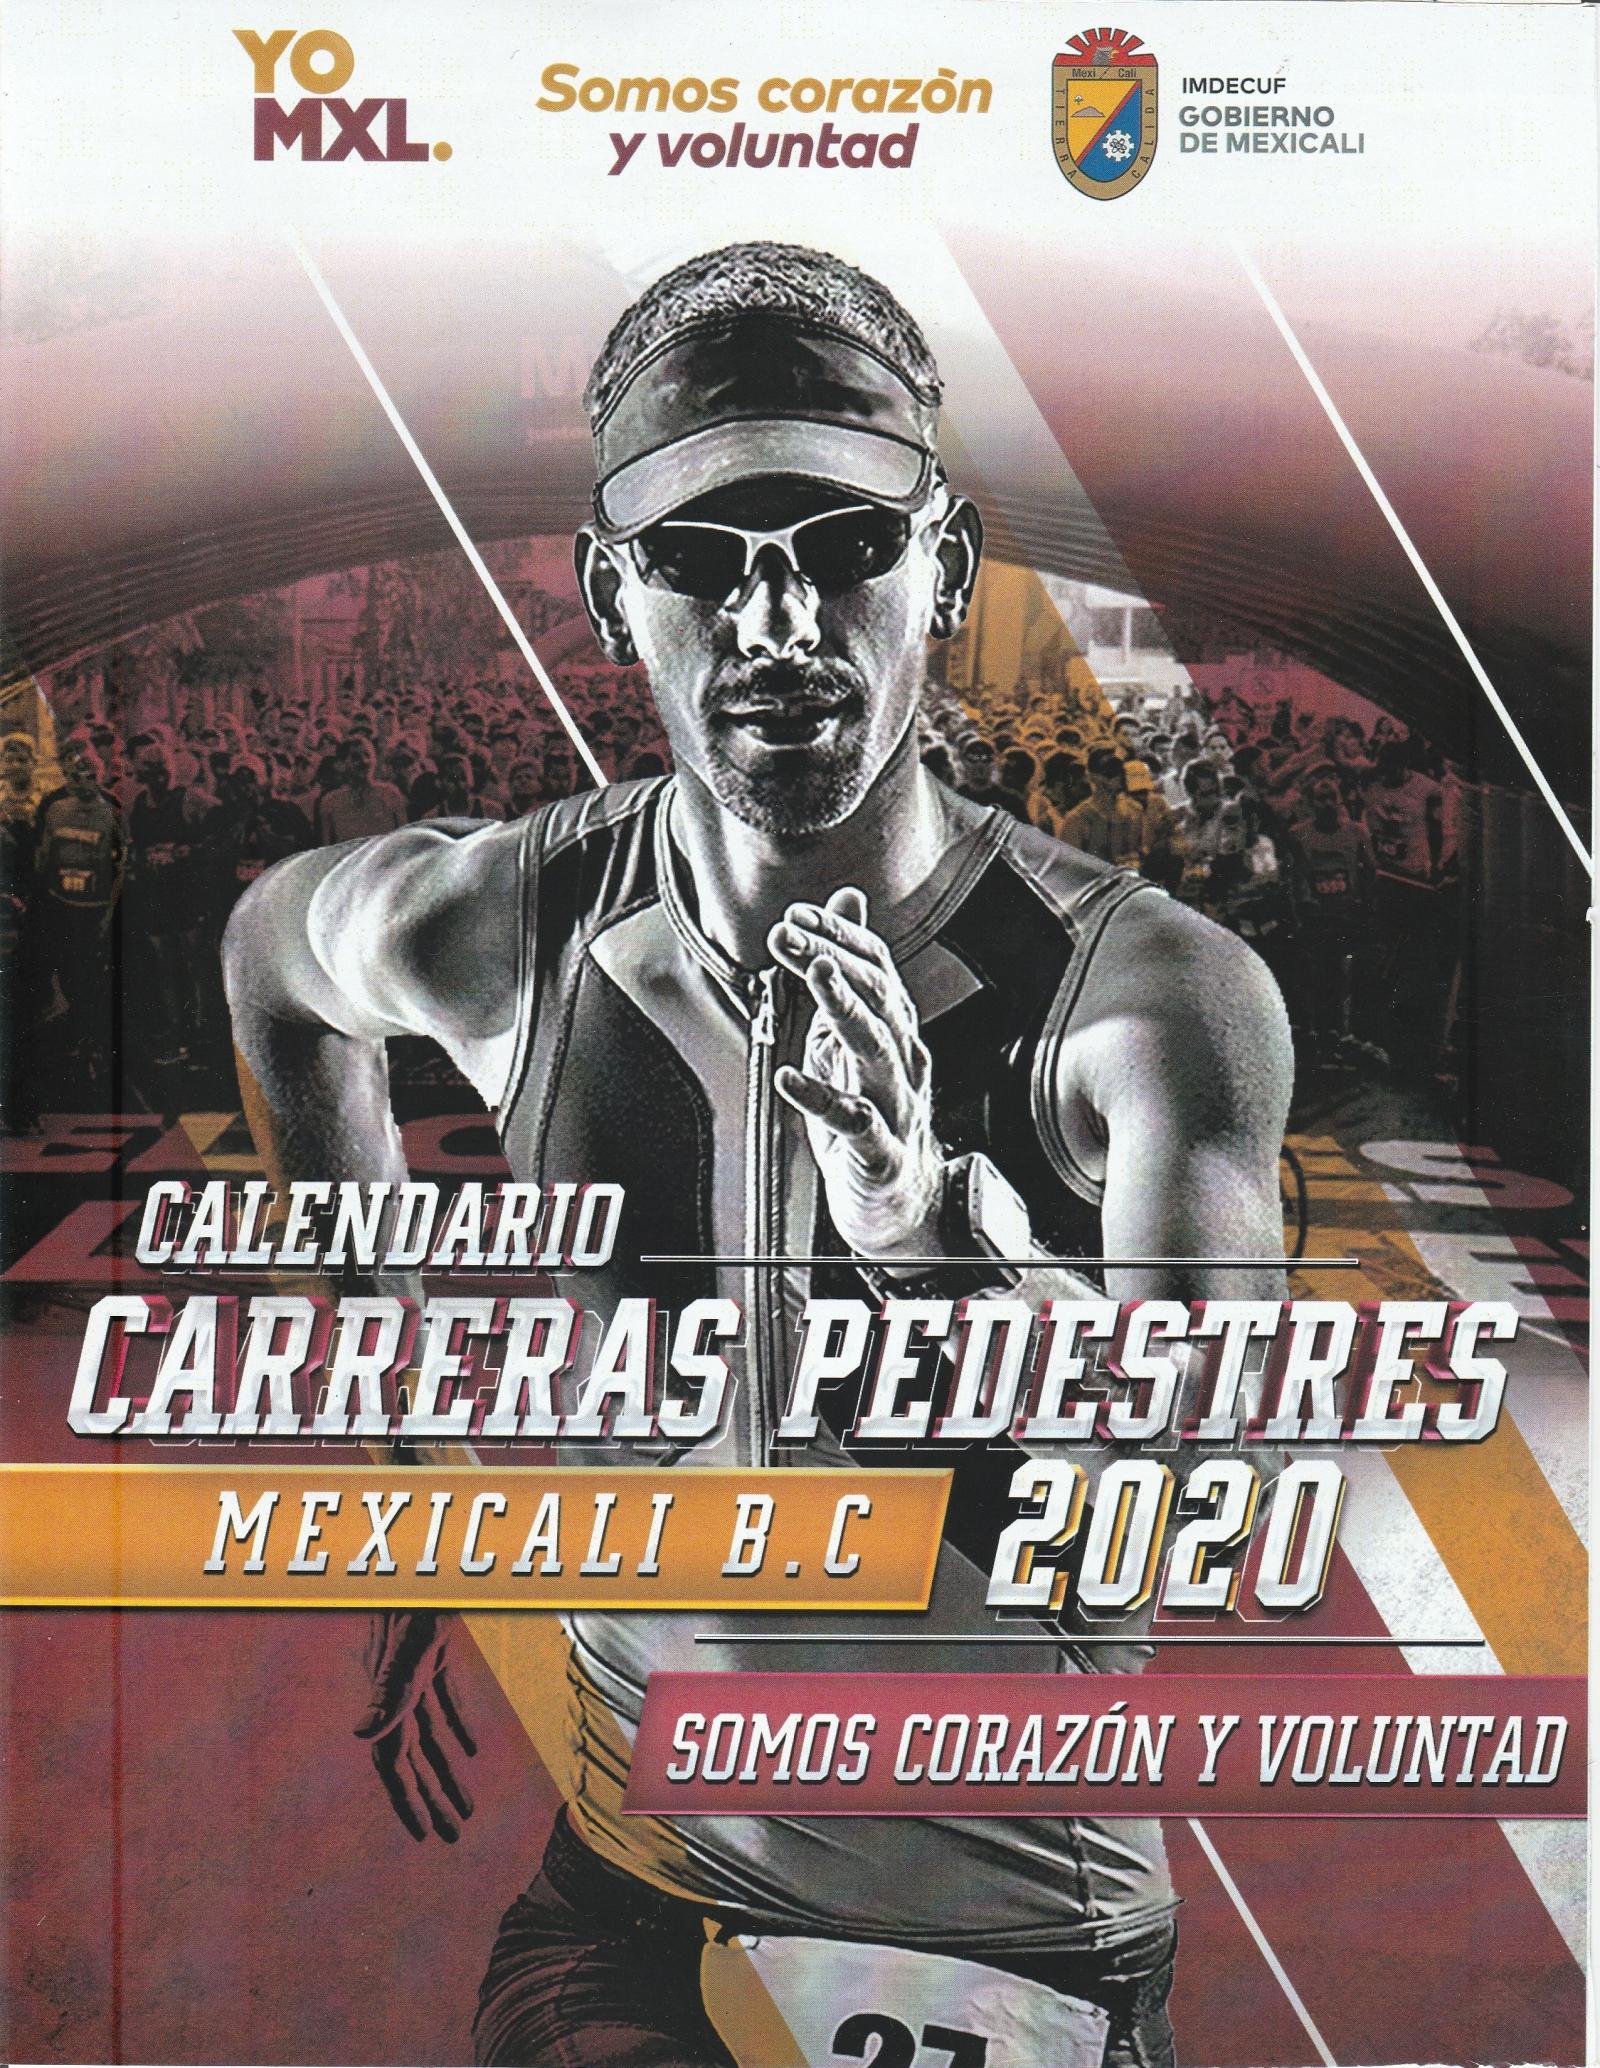 Calendario de Carreras Pedestres 2020.